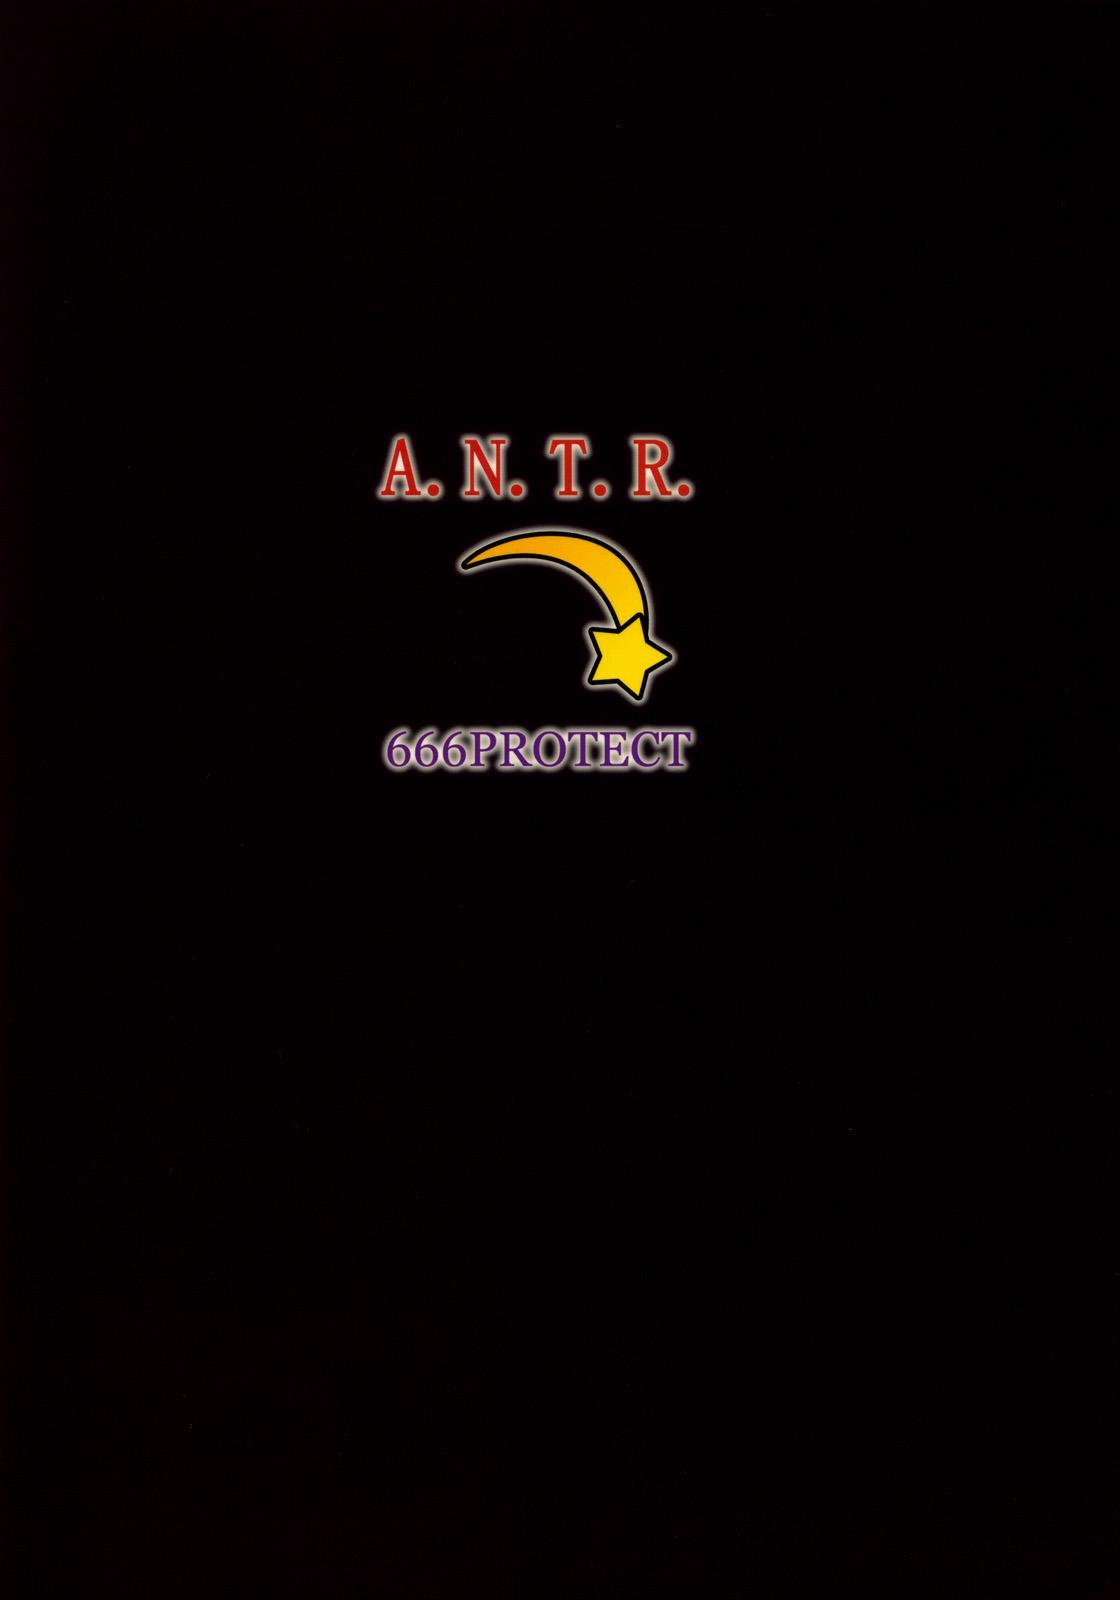 A.N.T.R. 23